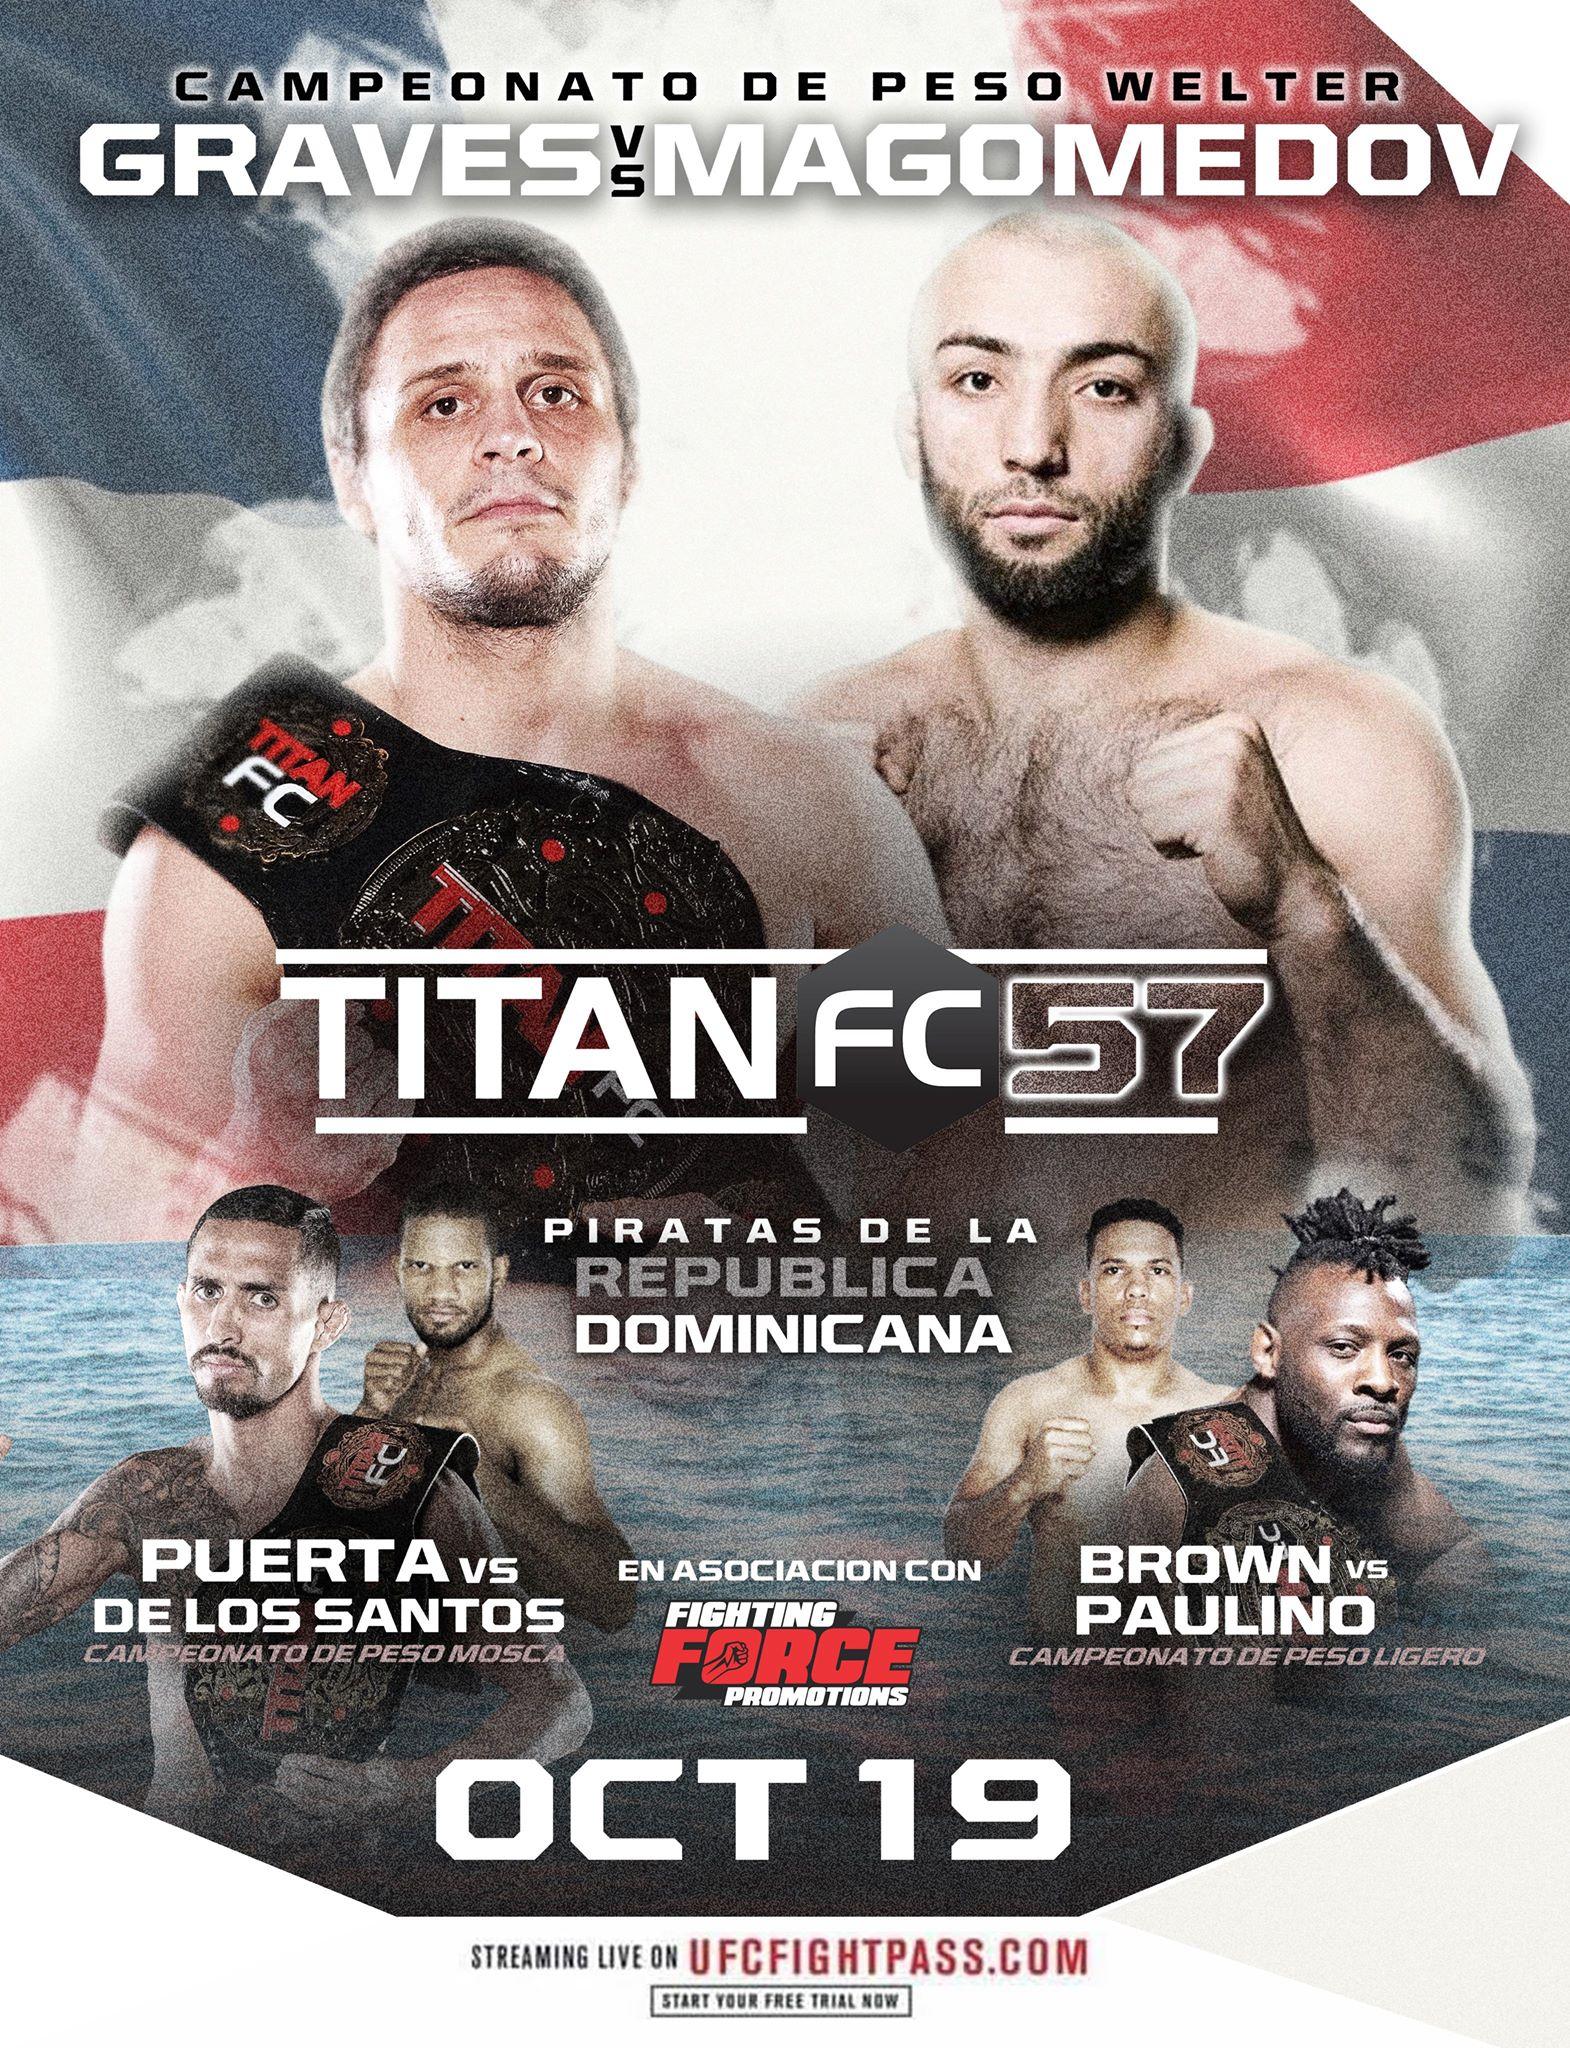 Titan FC 57